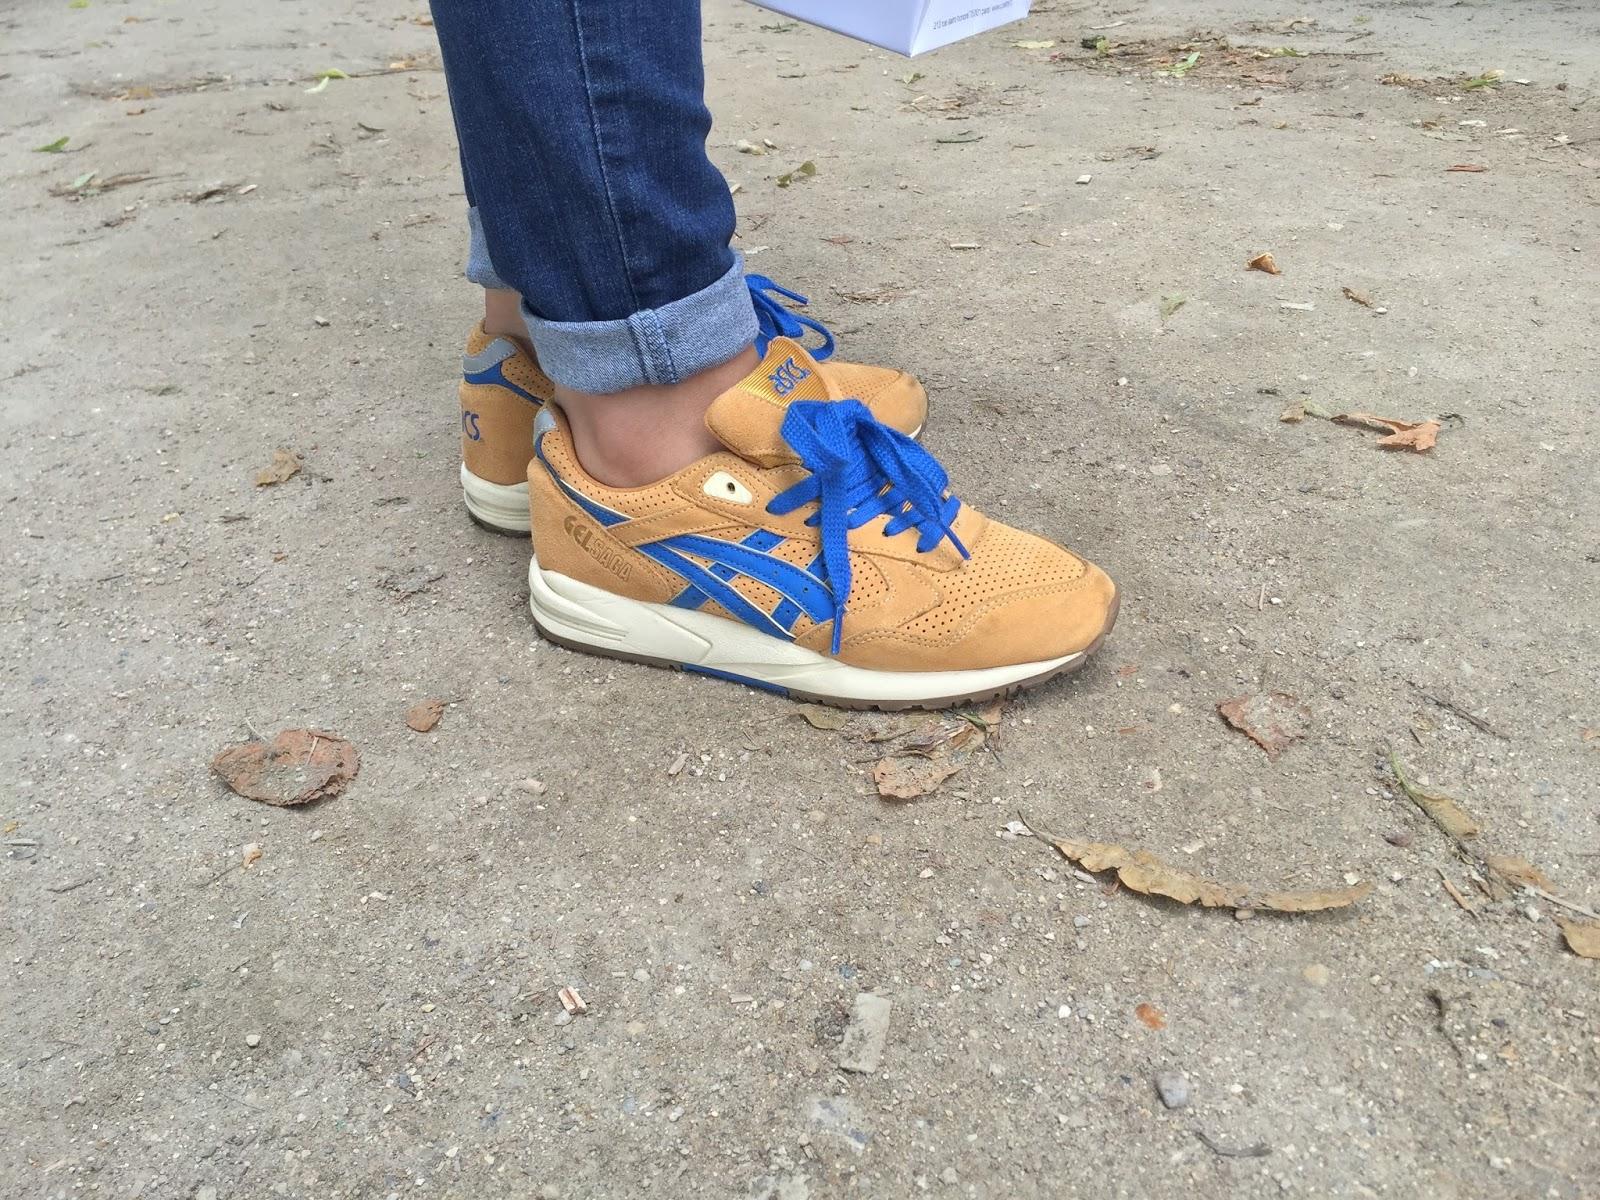 new products 40aec a0dab 💙💀Asics Gel Saga x Footpatrol & Supreme x Playboy Jersey ...